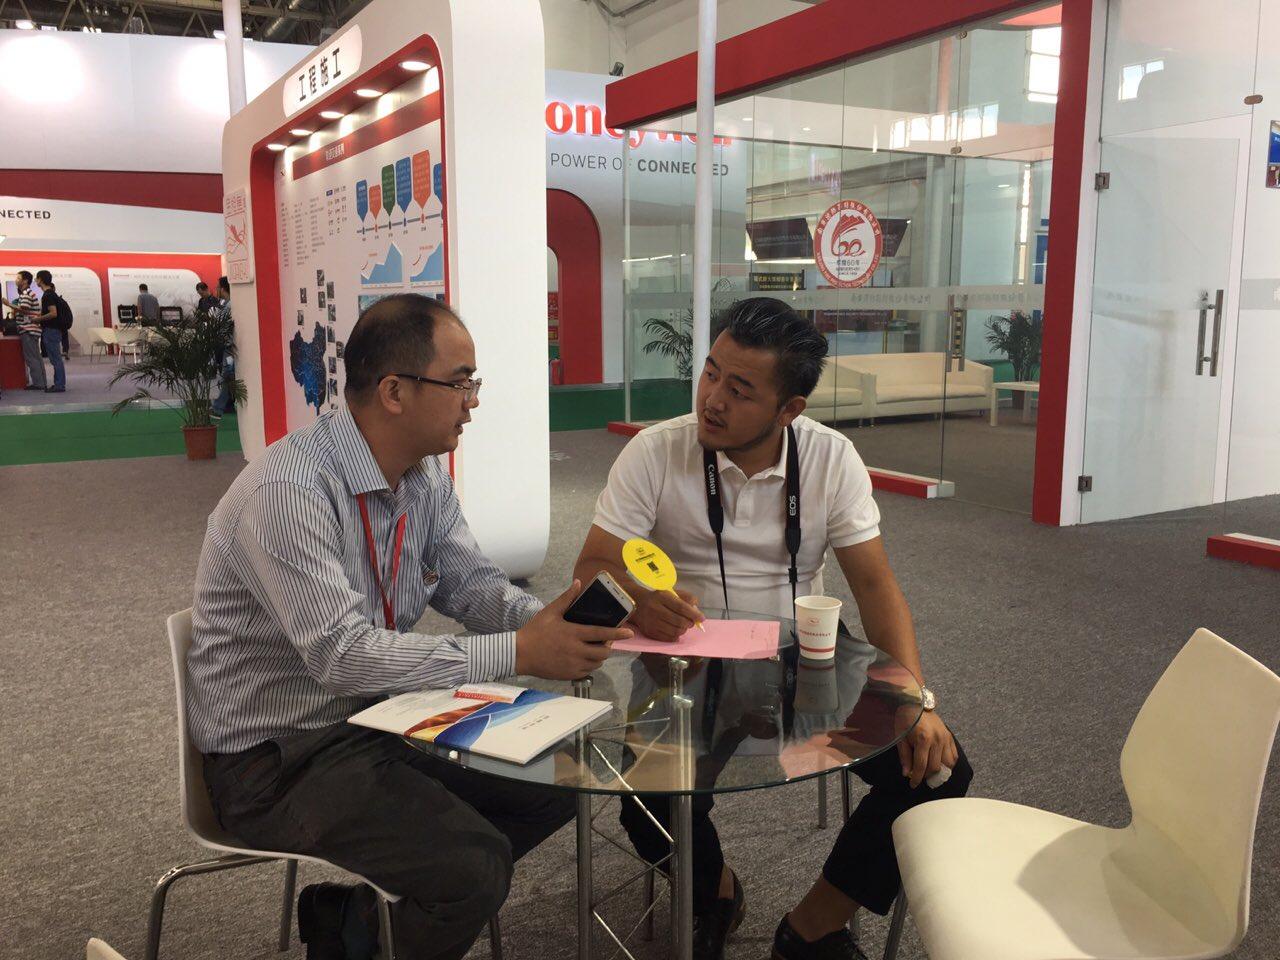 中国南消城市管廊消防应用方案展会中博人眼球